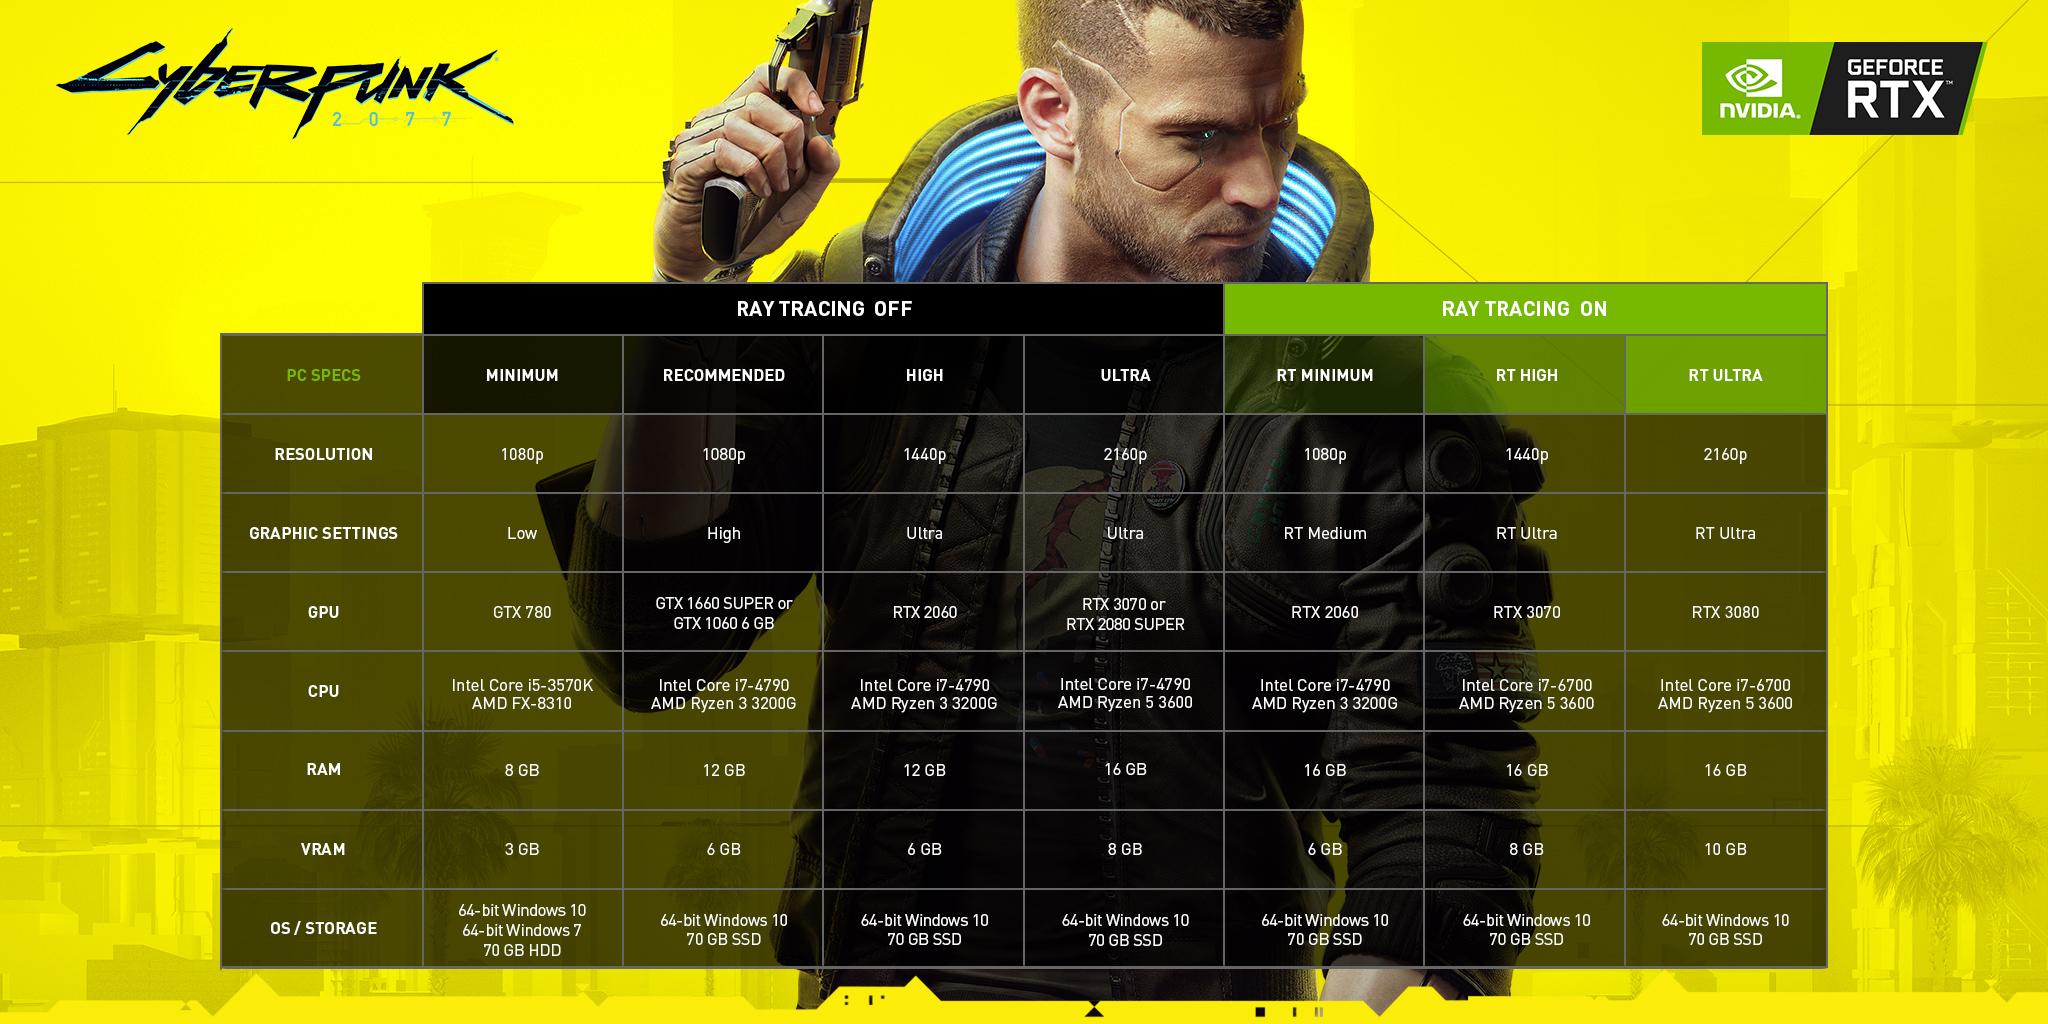 Novedades de Cyberpunk 2077 de la mano de NVIDIA | PC, Juegos, Lanzamientos, Noticias, Requistos | Nomicom